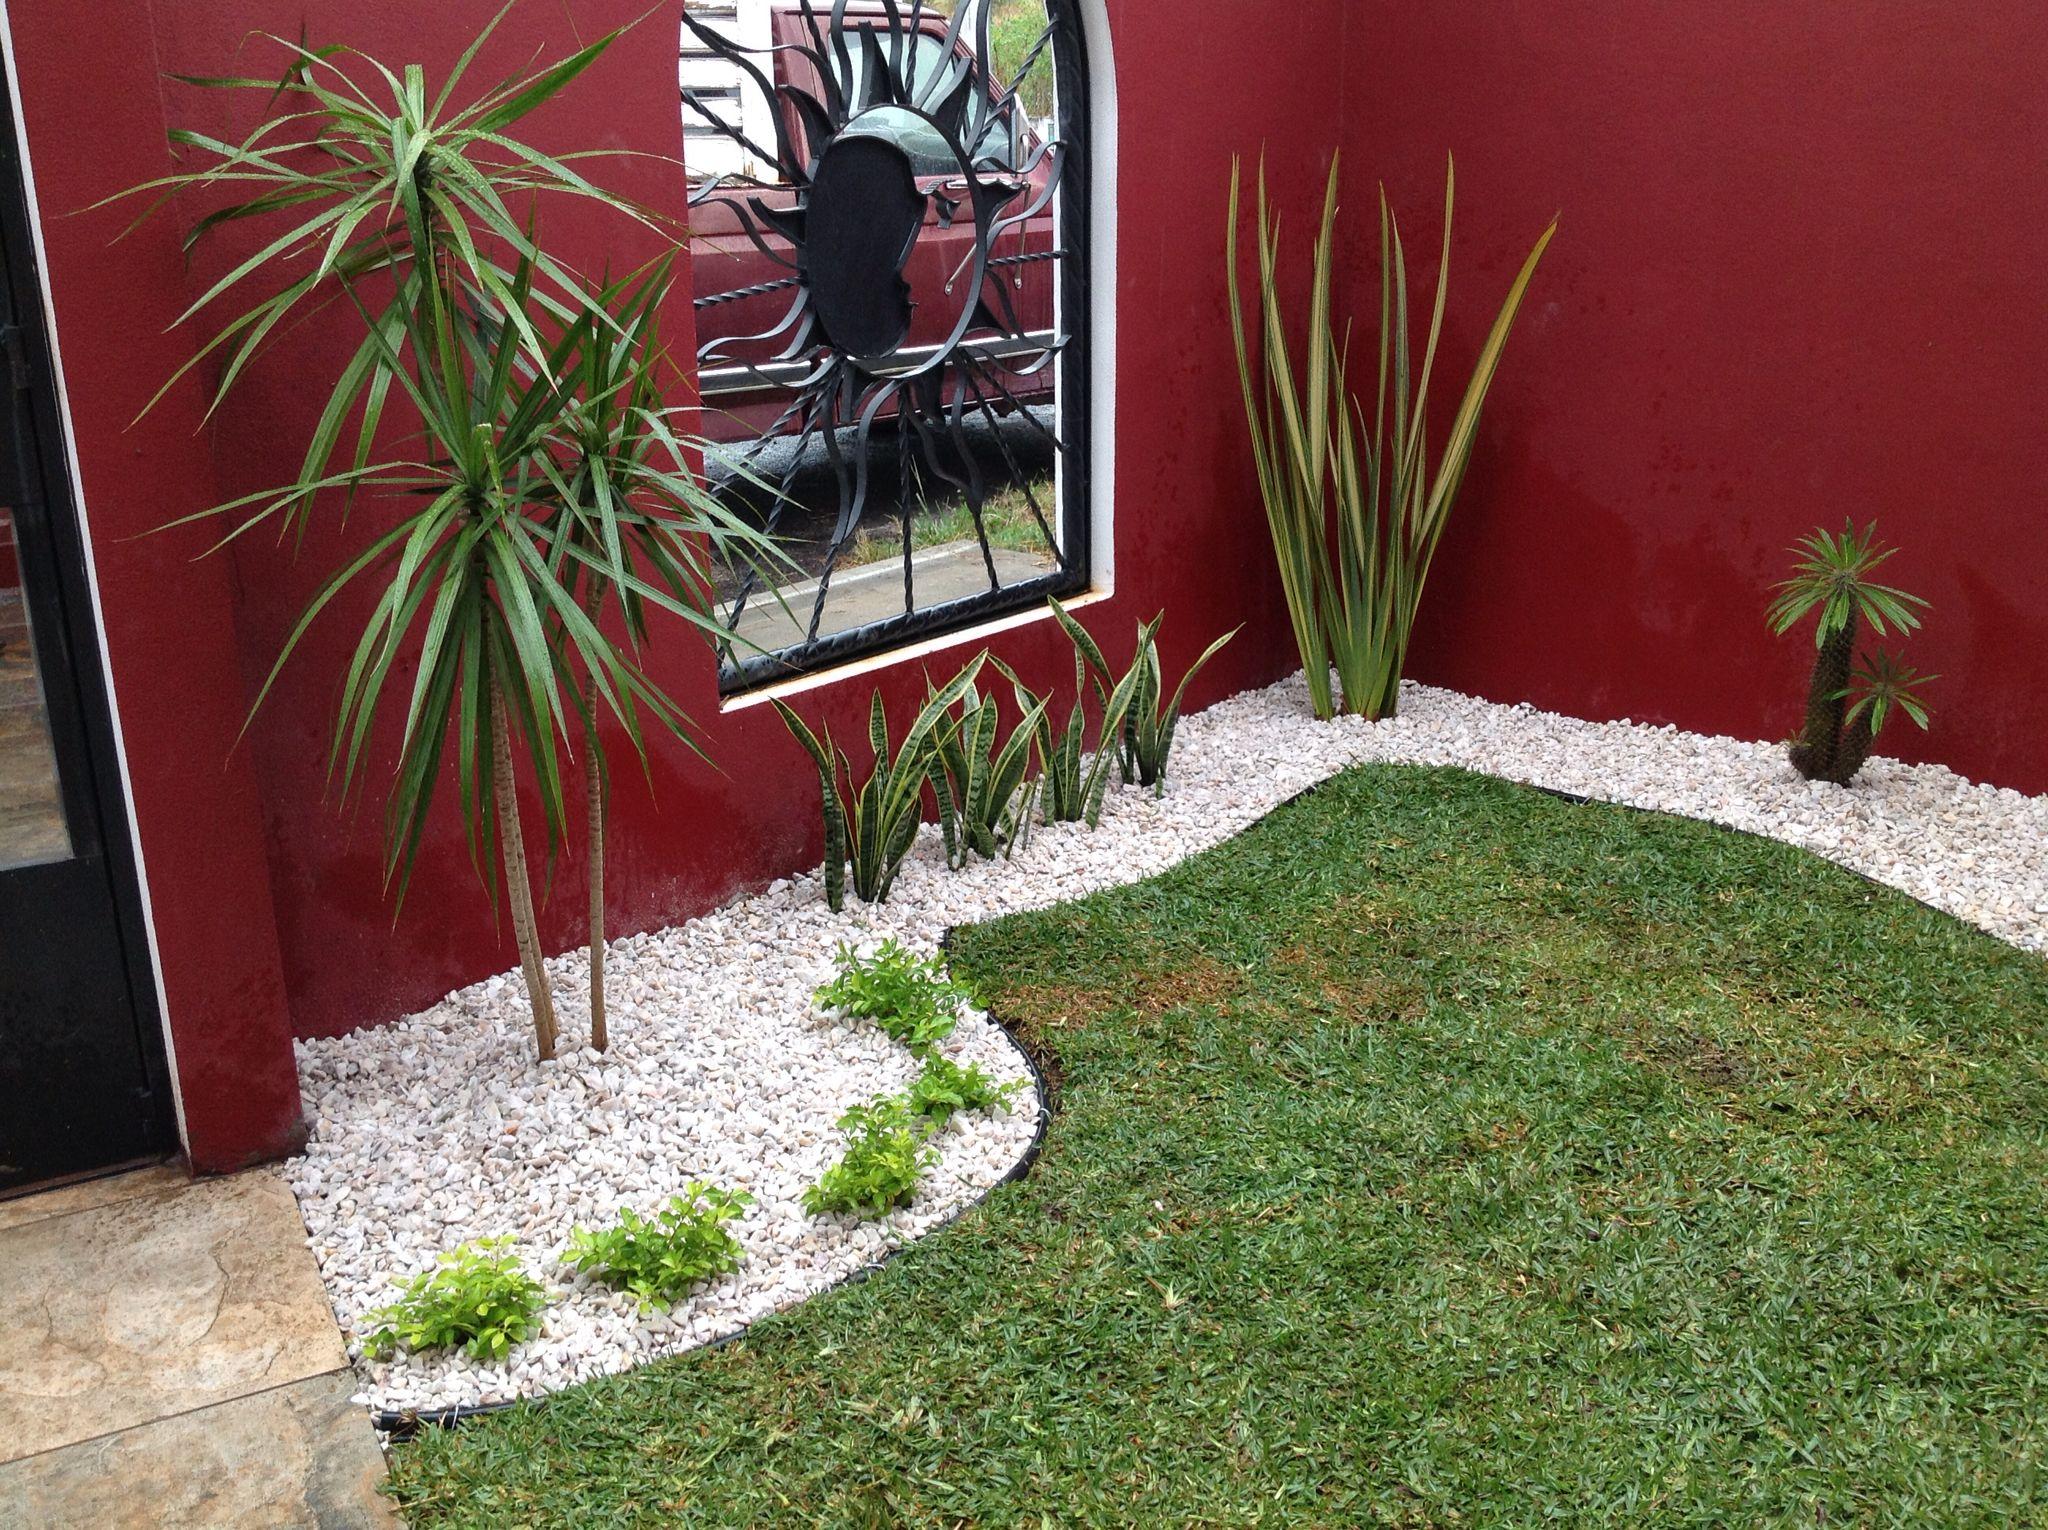 Piedra de m rmol con algo de pasto jard n pinterest for Piedras para patios exteriores